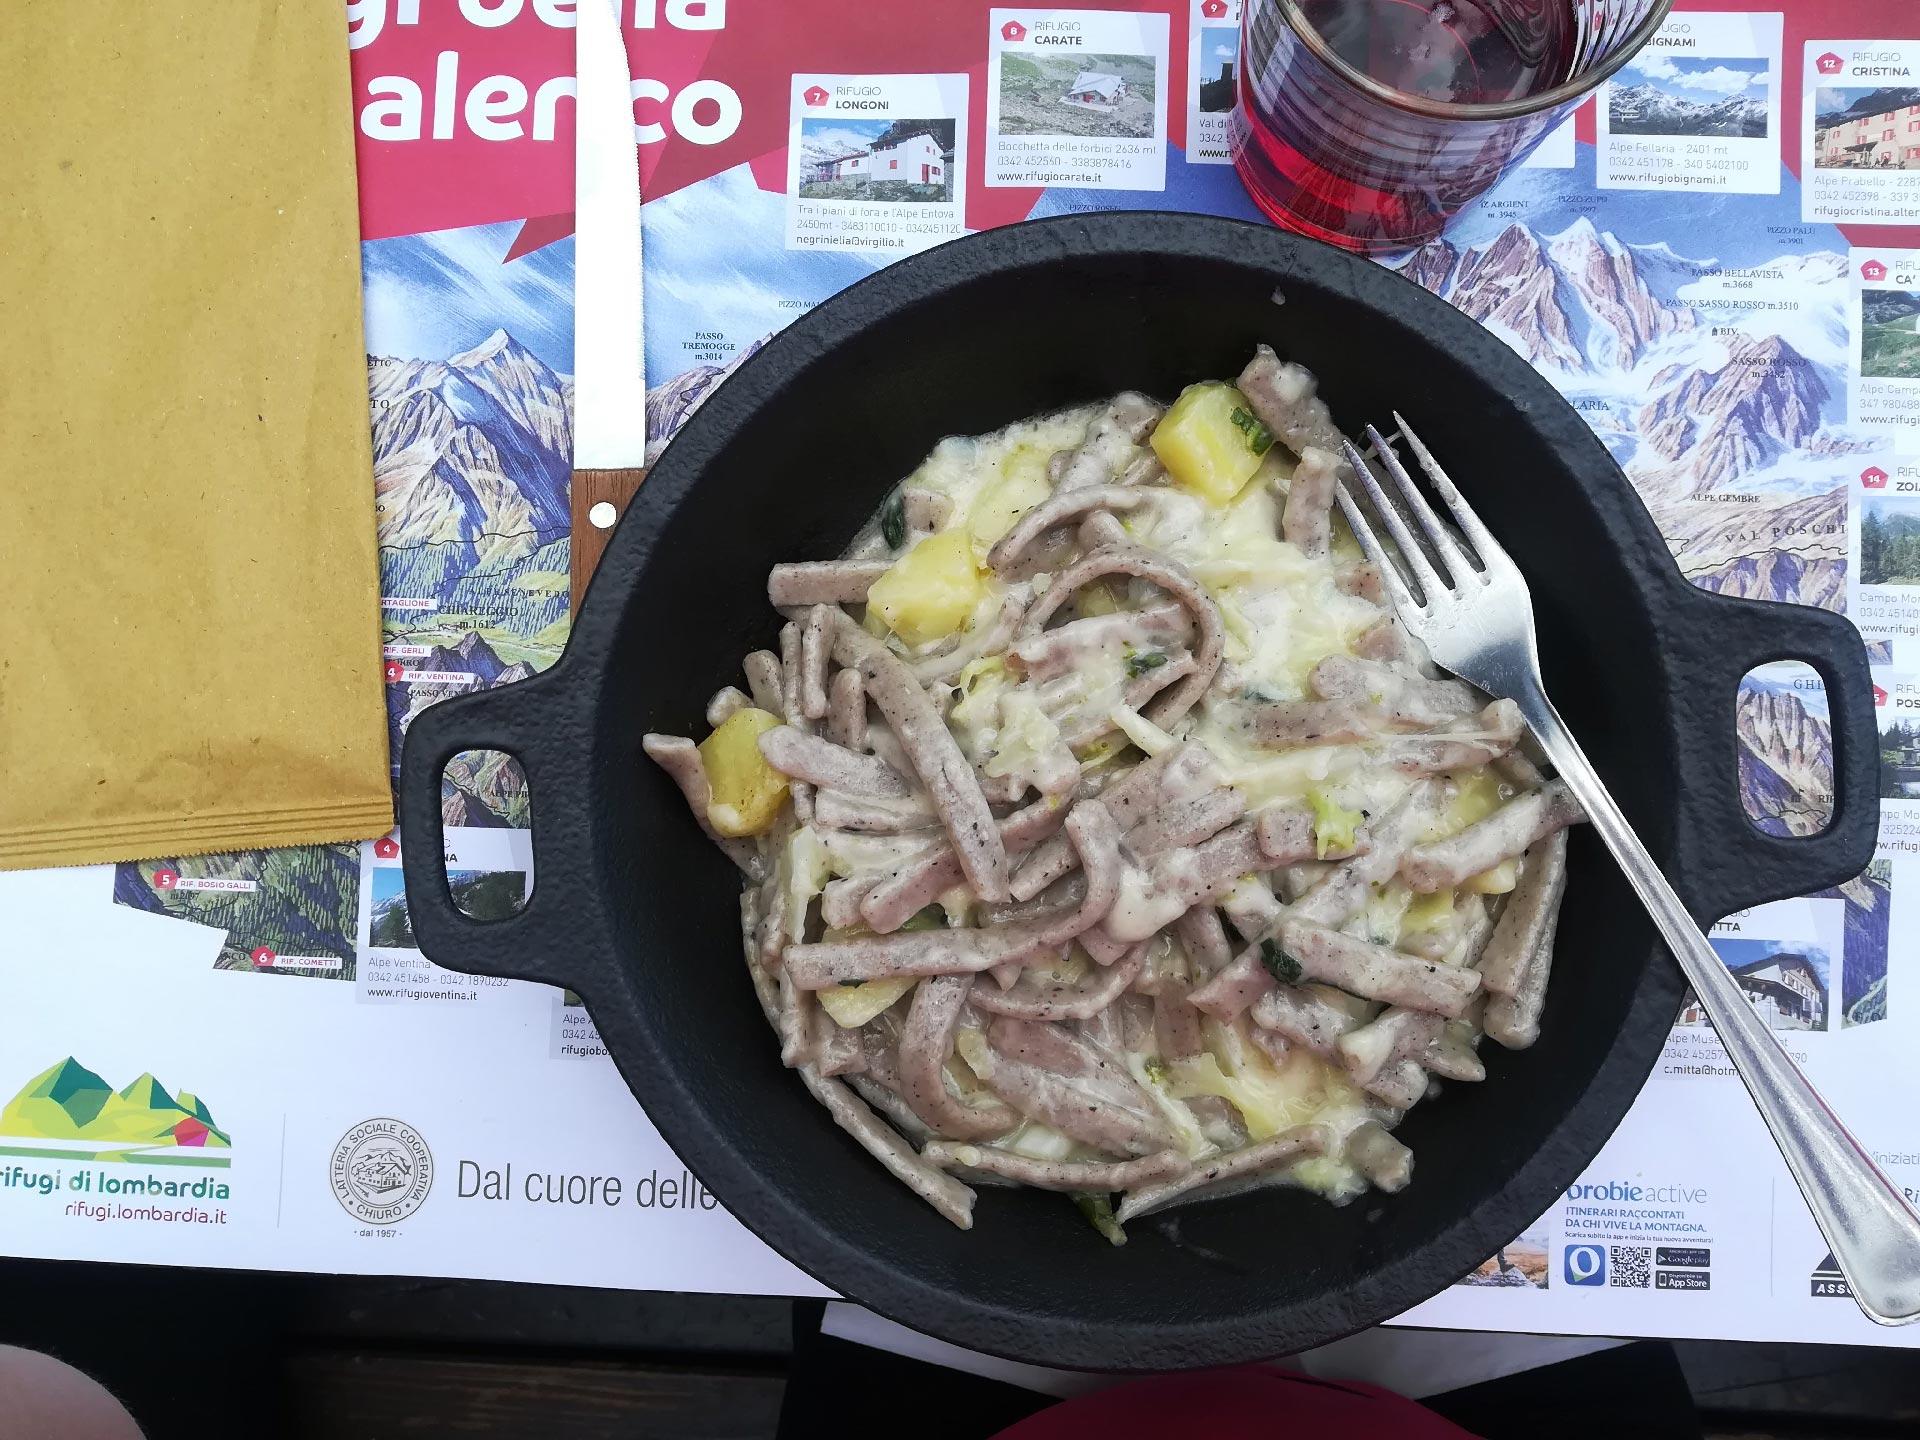 pizzoccheri, piatto tipico valtellinese a base di pasta al grano saraceno accompagnata da patate, verze e bitto (tipico formaggio valtellinese), Valmalenco, Lombardia